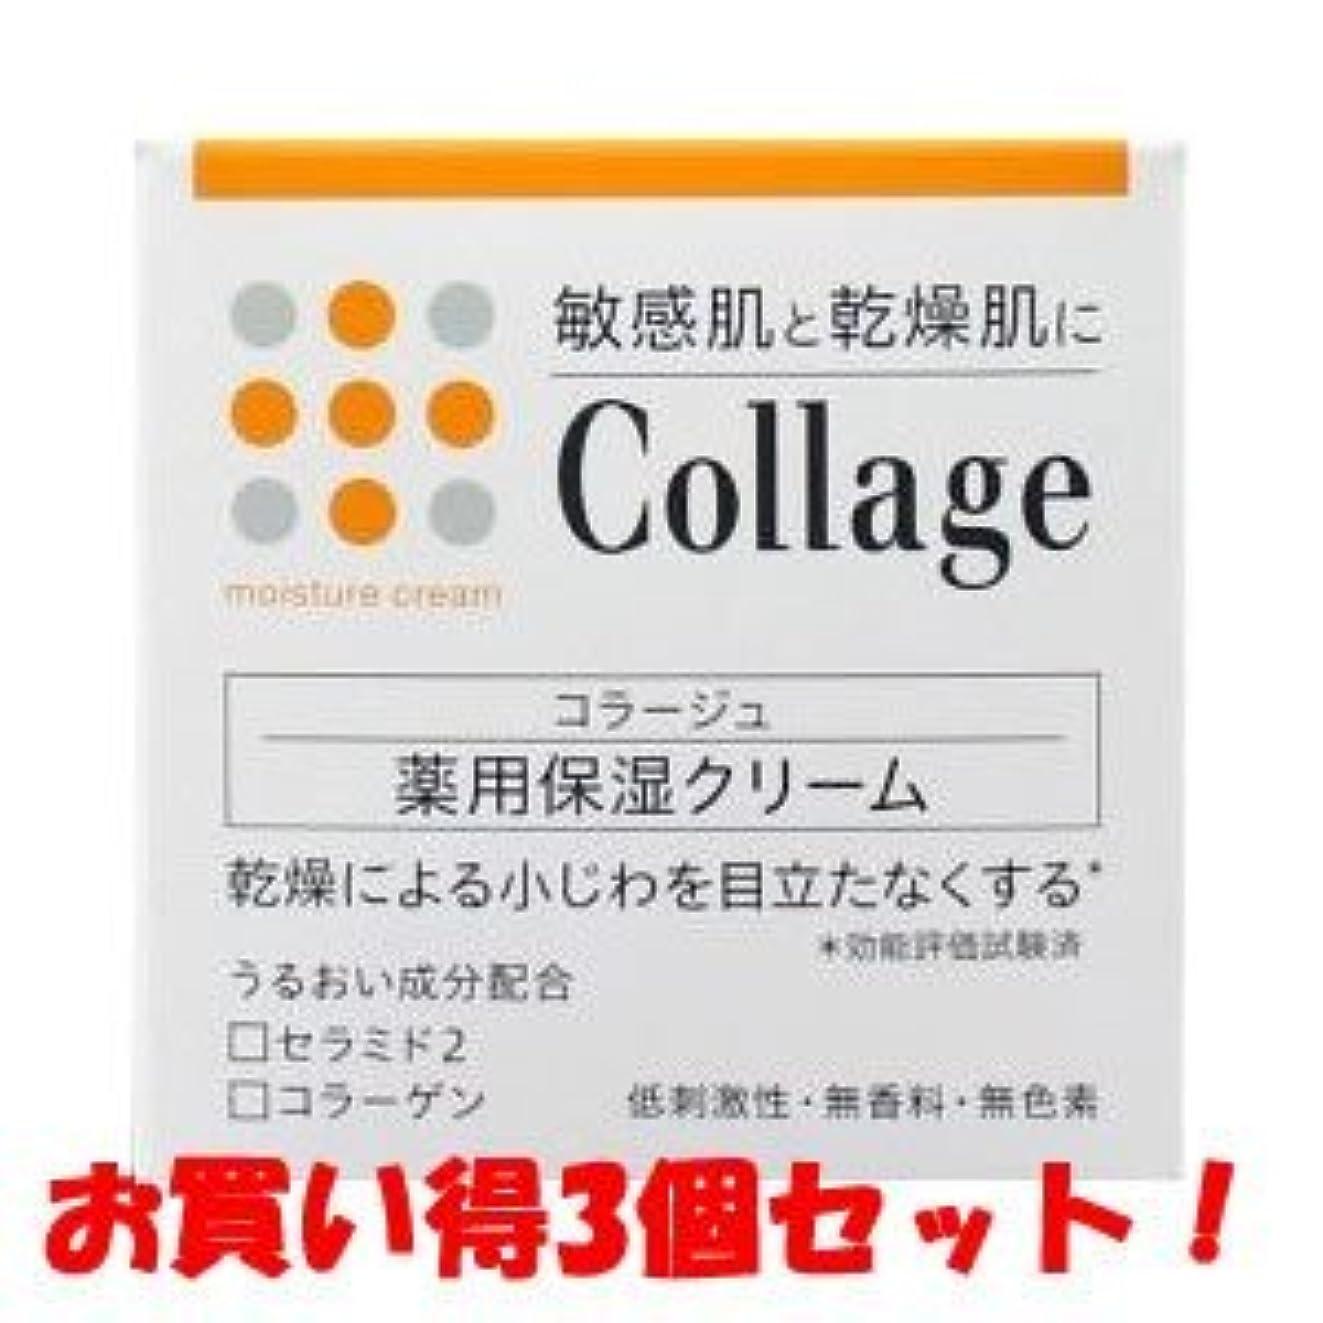 縁石怠惰ハブブ(持田ヘルスケア)コラージュ 薬用保湿クリーム 30g(医薬部外品)(お買い得3個セット)